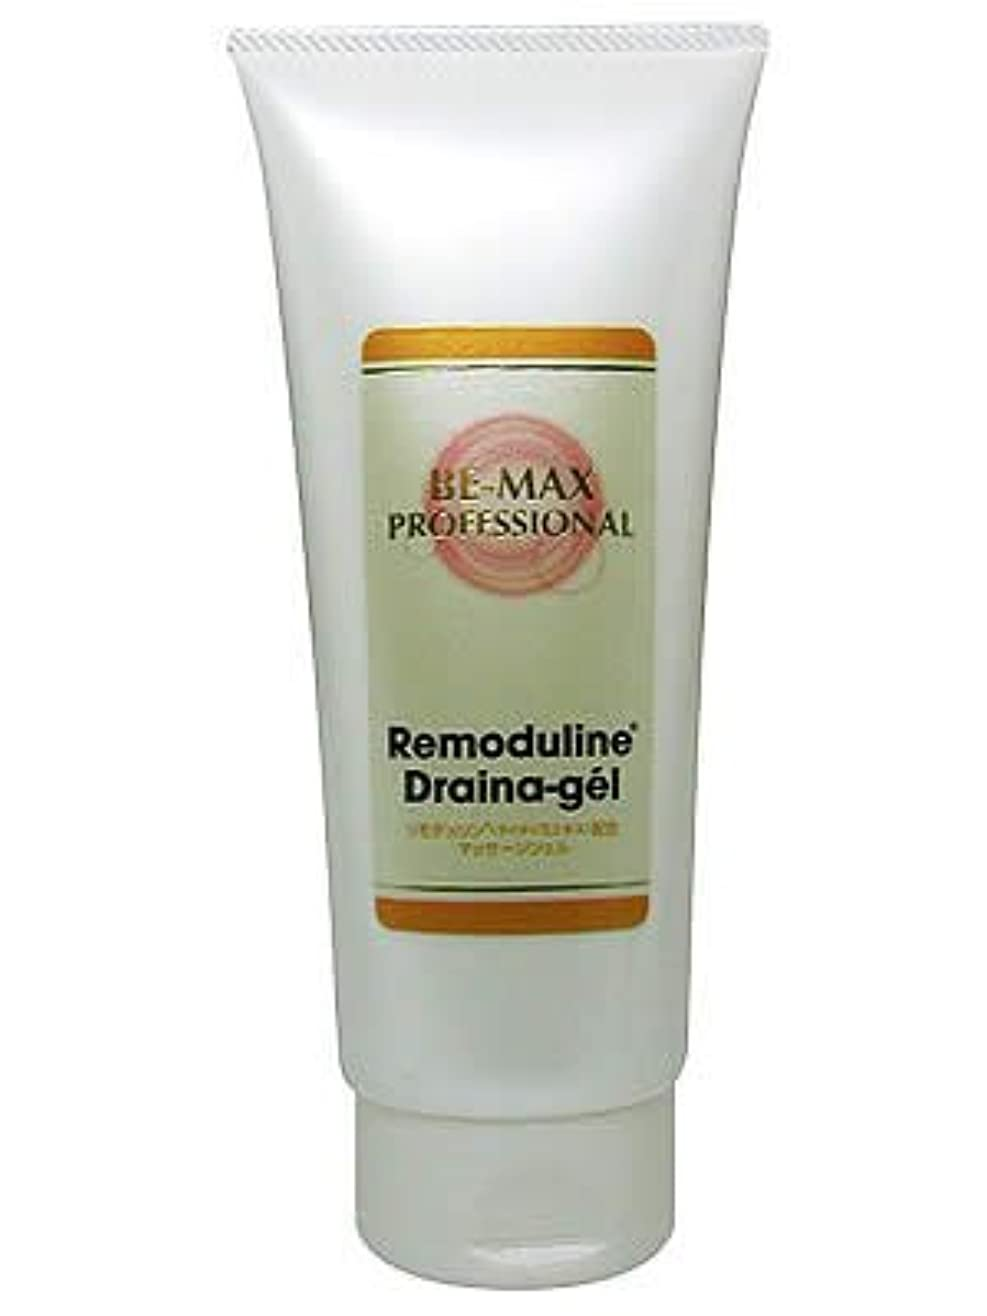 シアー症状特権BE-MAX プロフェッショナル リモデュリン ドレナージェル